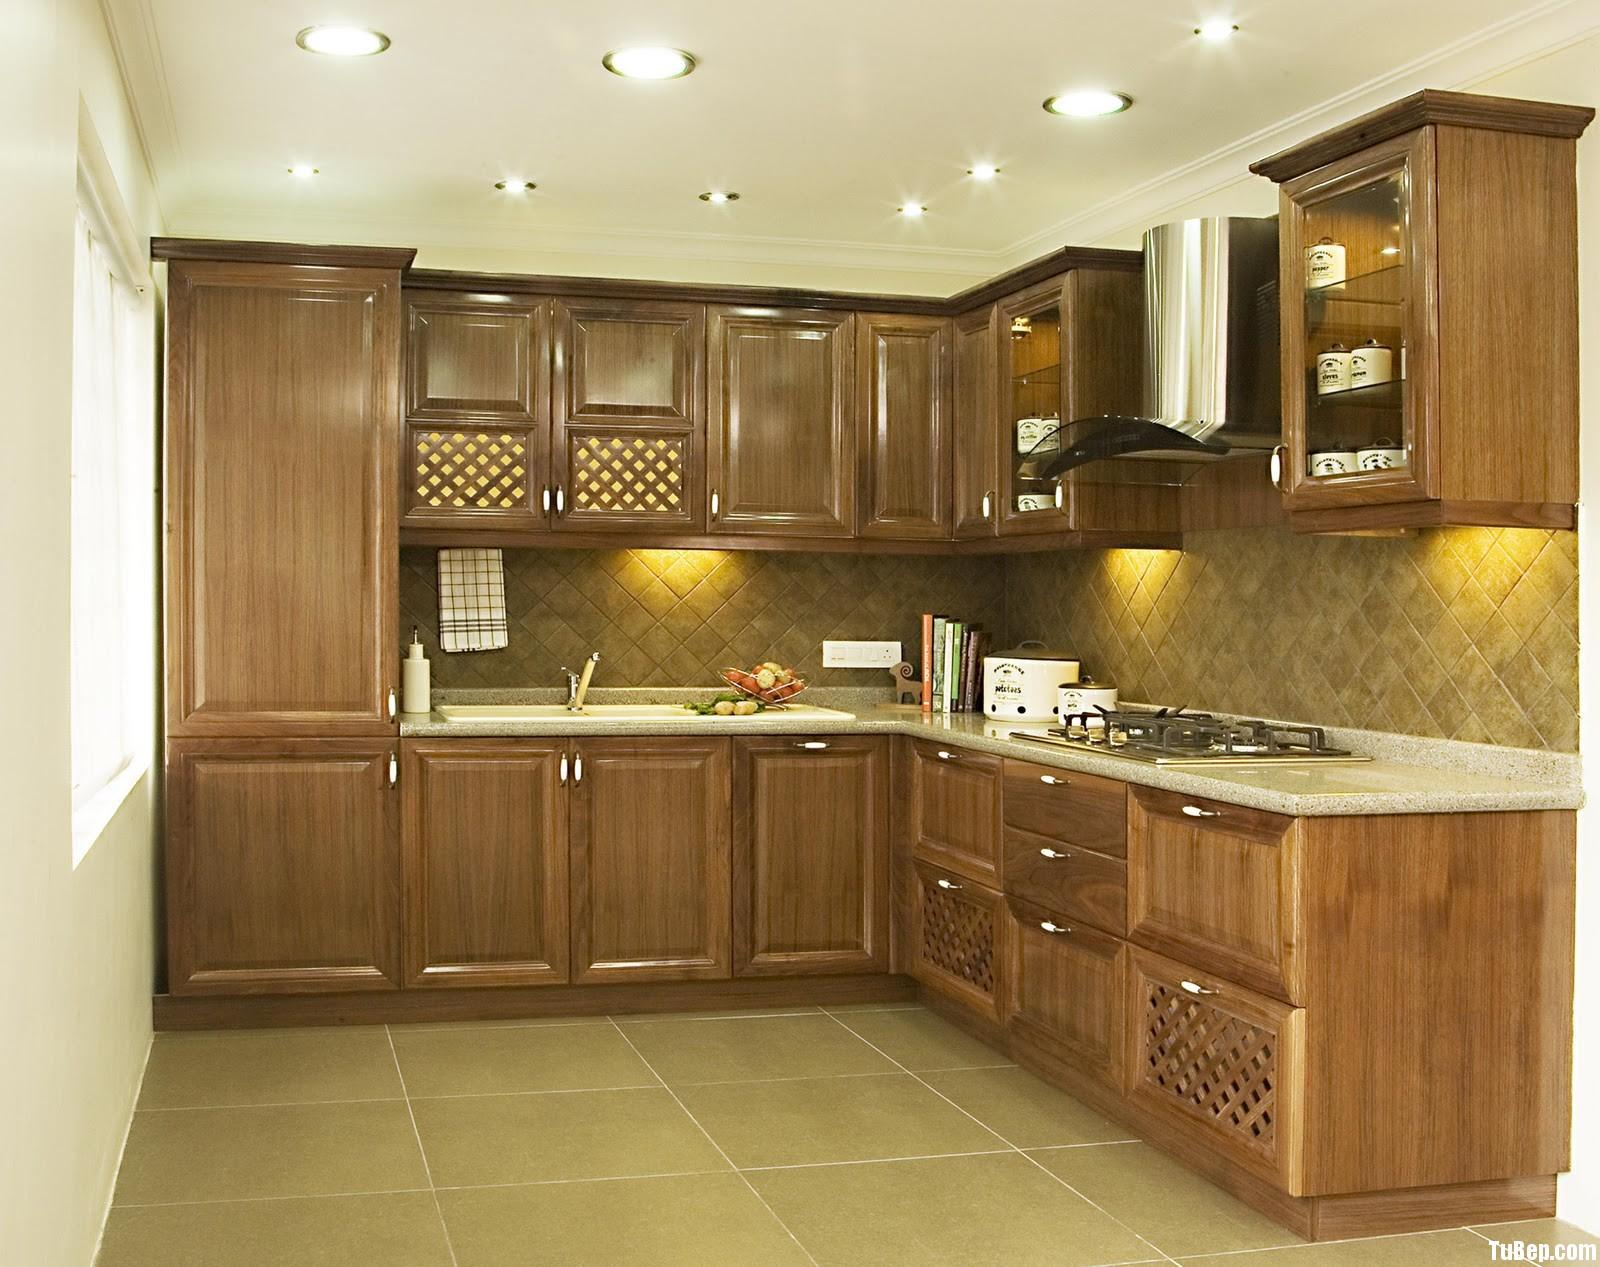 dd9677908cia Lai.jpg Tủ bếp gỗ xoan đào chữ L TVT0350